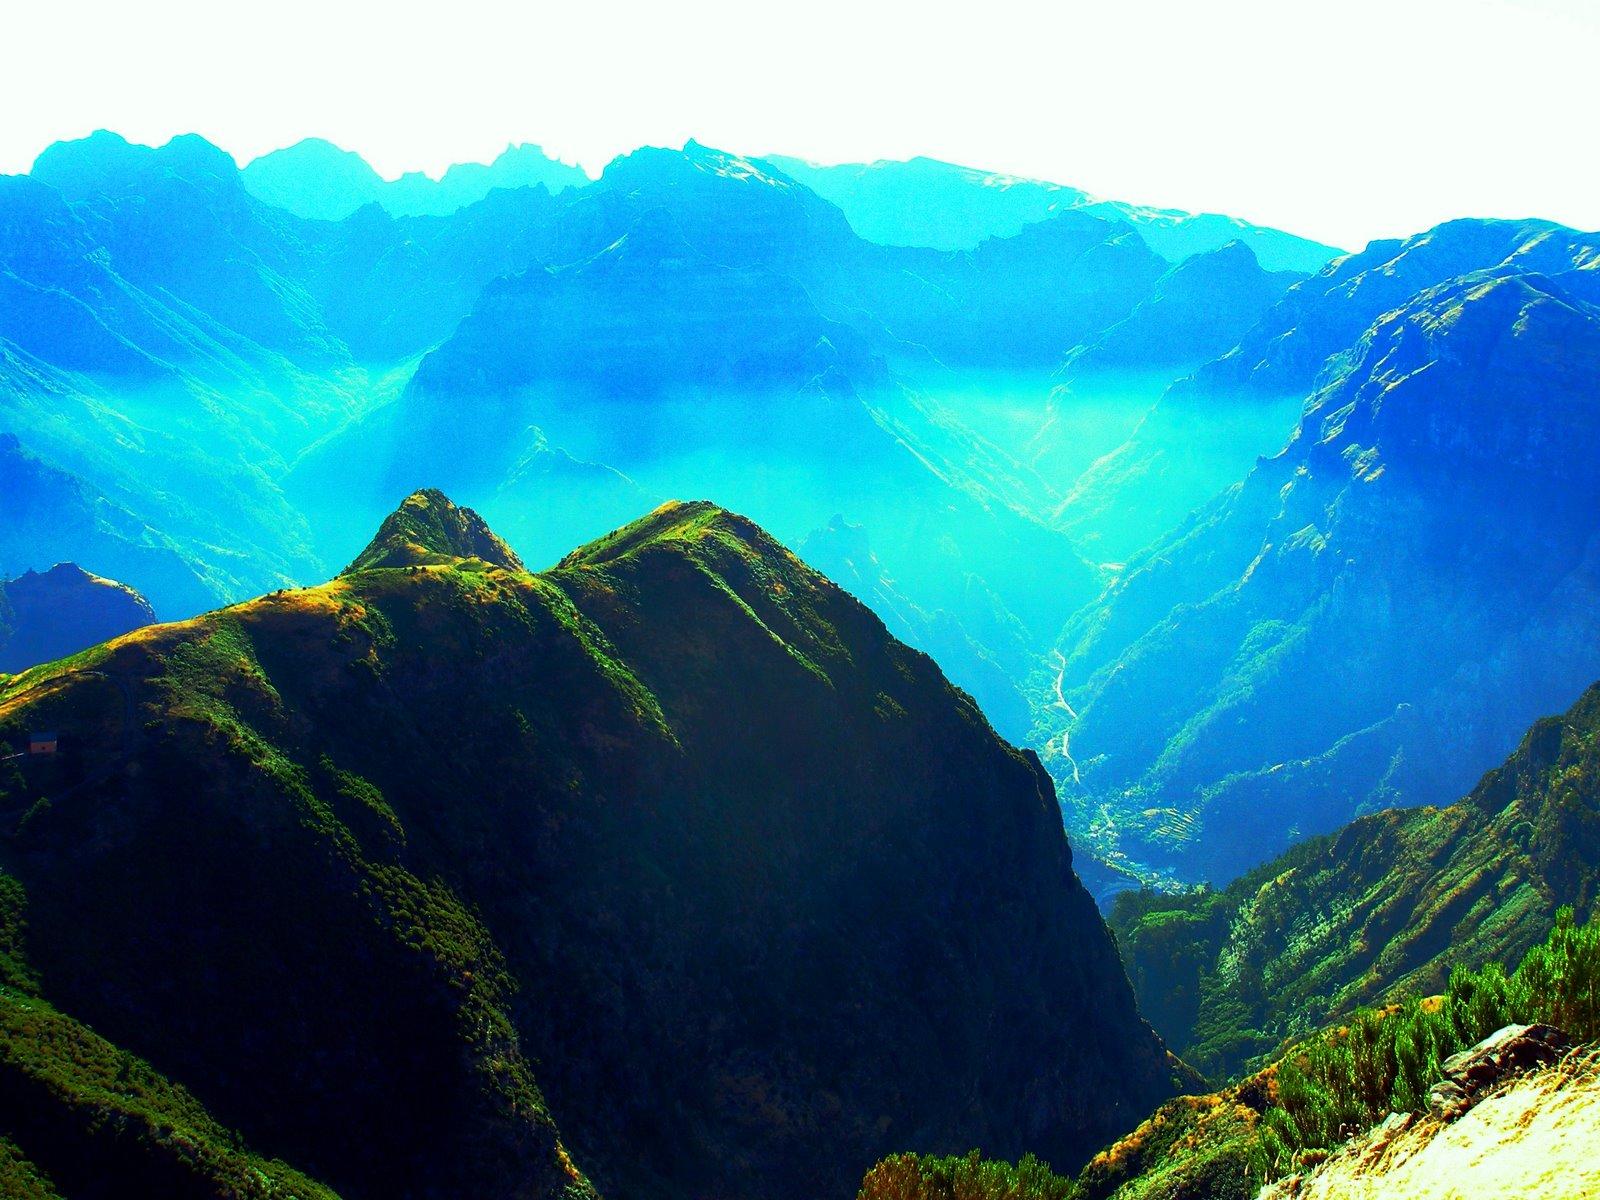 Paisagens de Portugal - Ilha da Madeira - Serras e Montes - Serra de Água